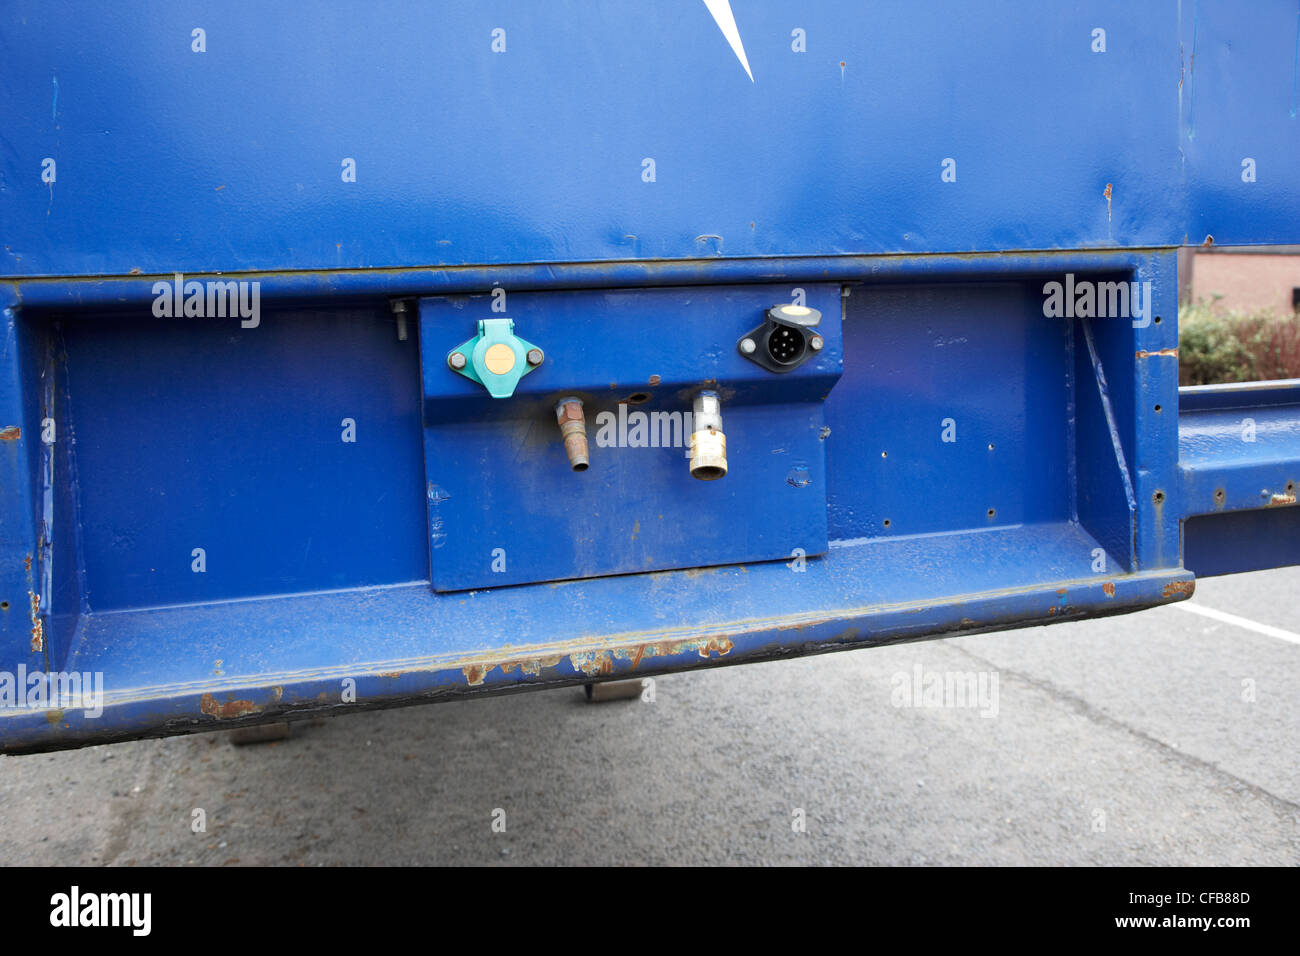 LKW Anhänger hydraulische und elektrische Anschlüsse Stockbild